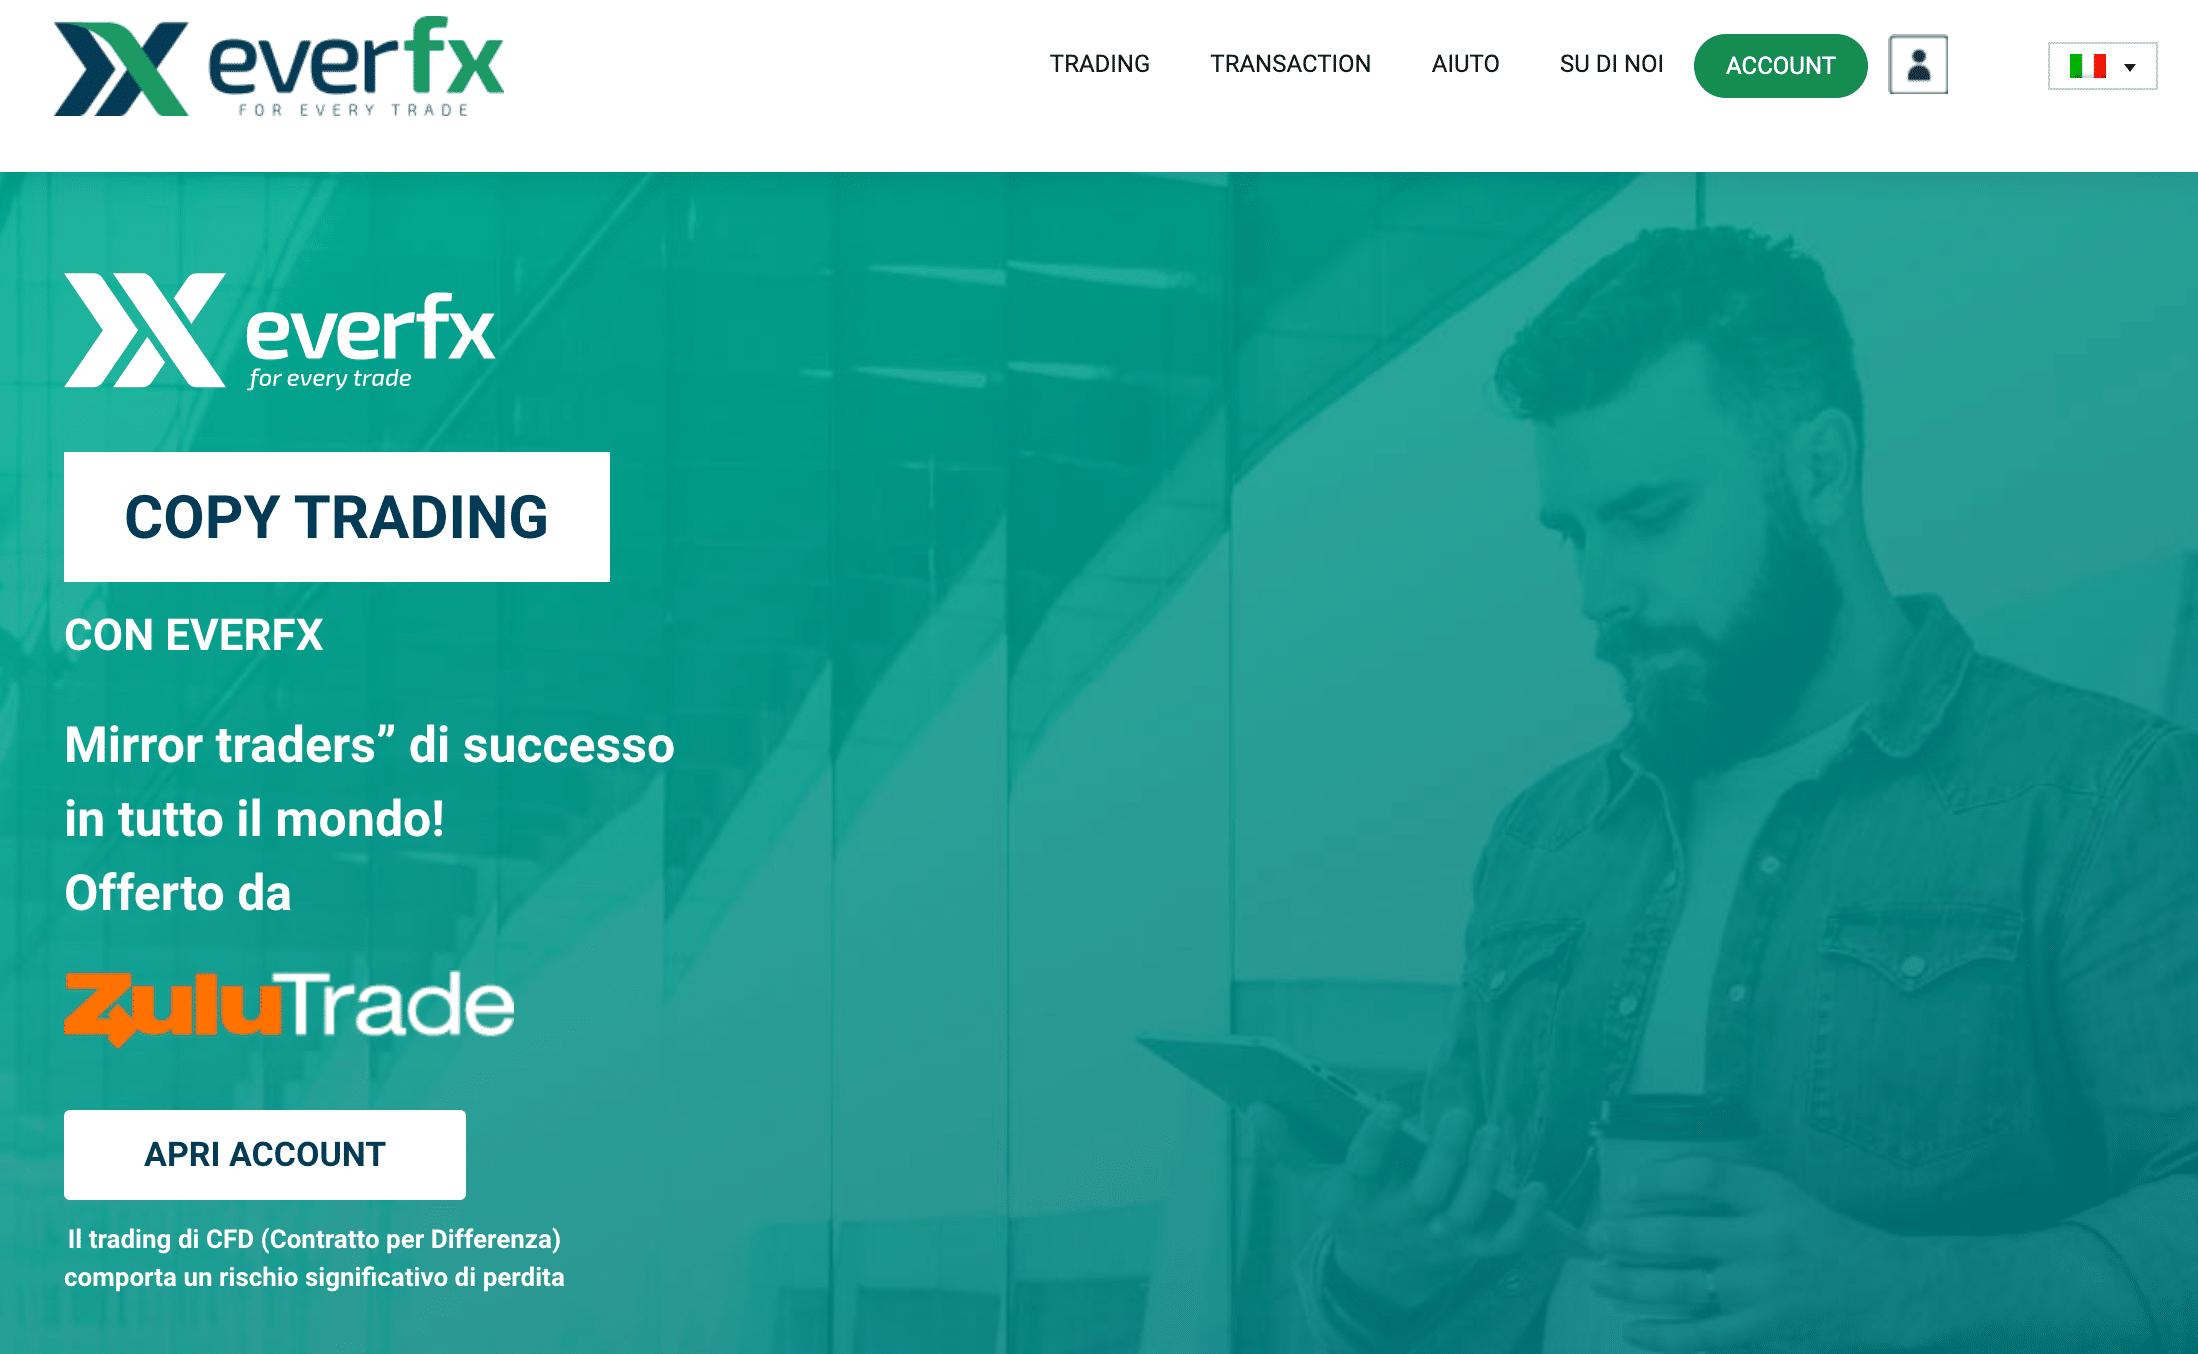 EverFX Truffa o Affidabile? Recensioni ed Opinioni